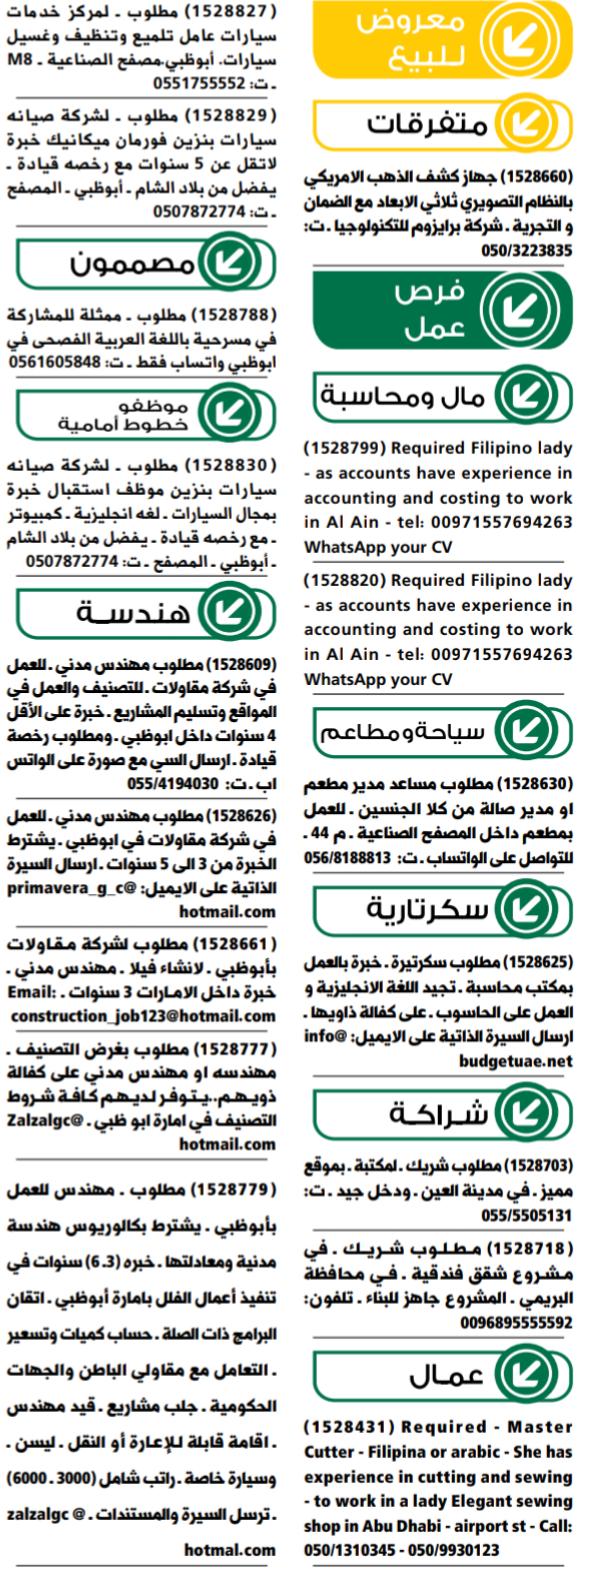 وظائف الوسيط الامارات pdf اليوم 7/11/2020 12